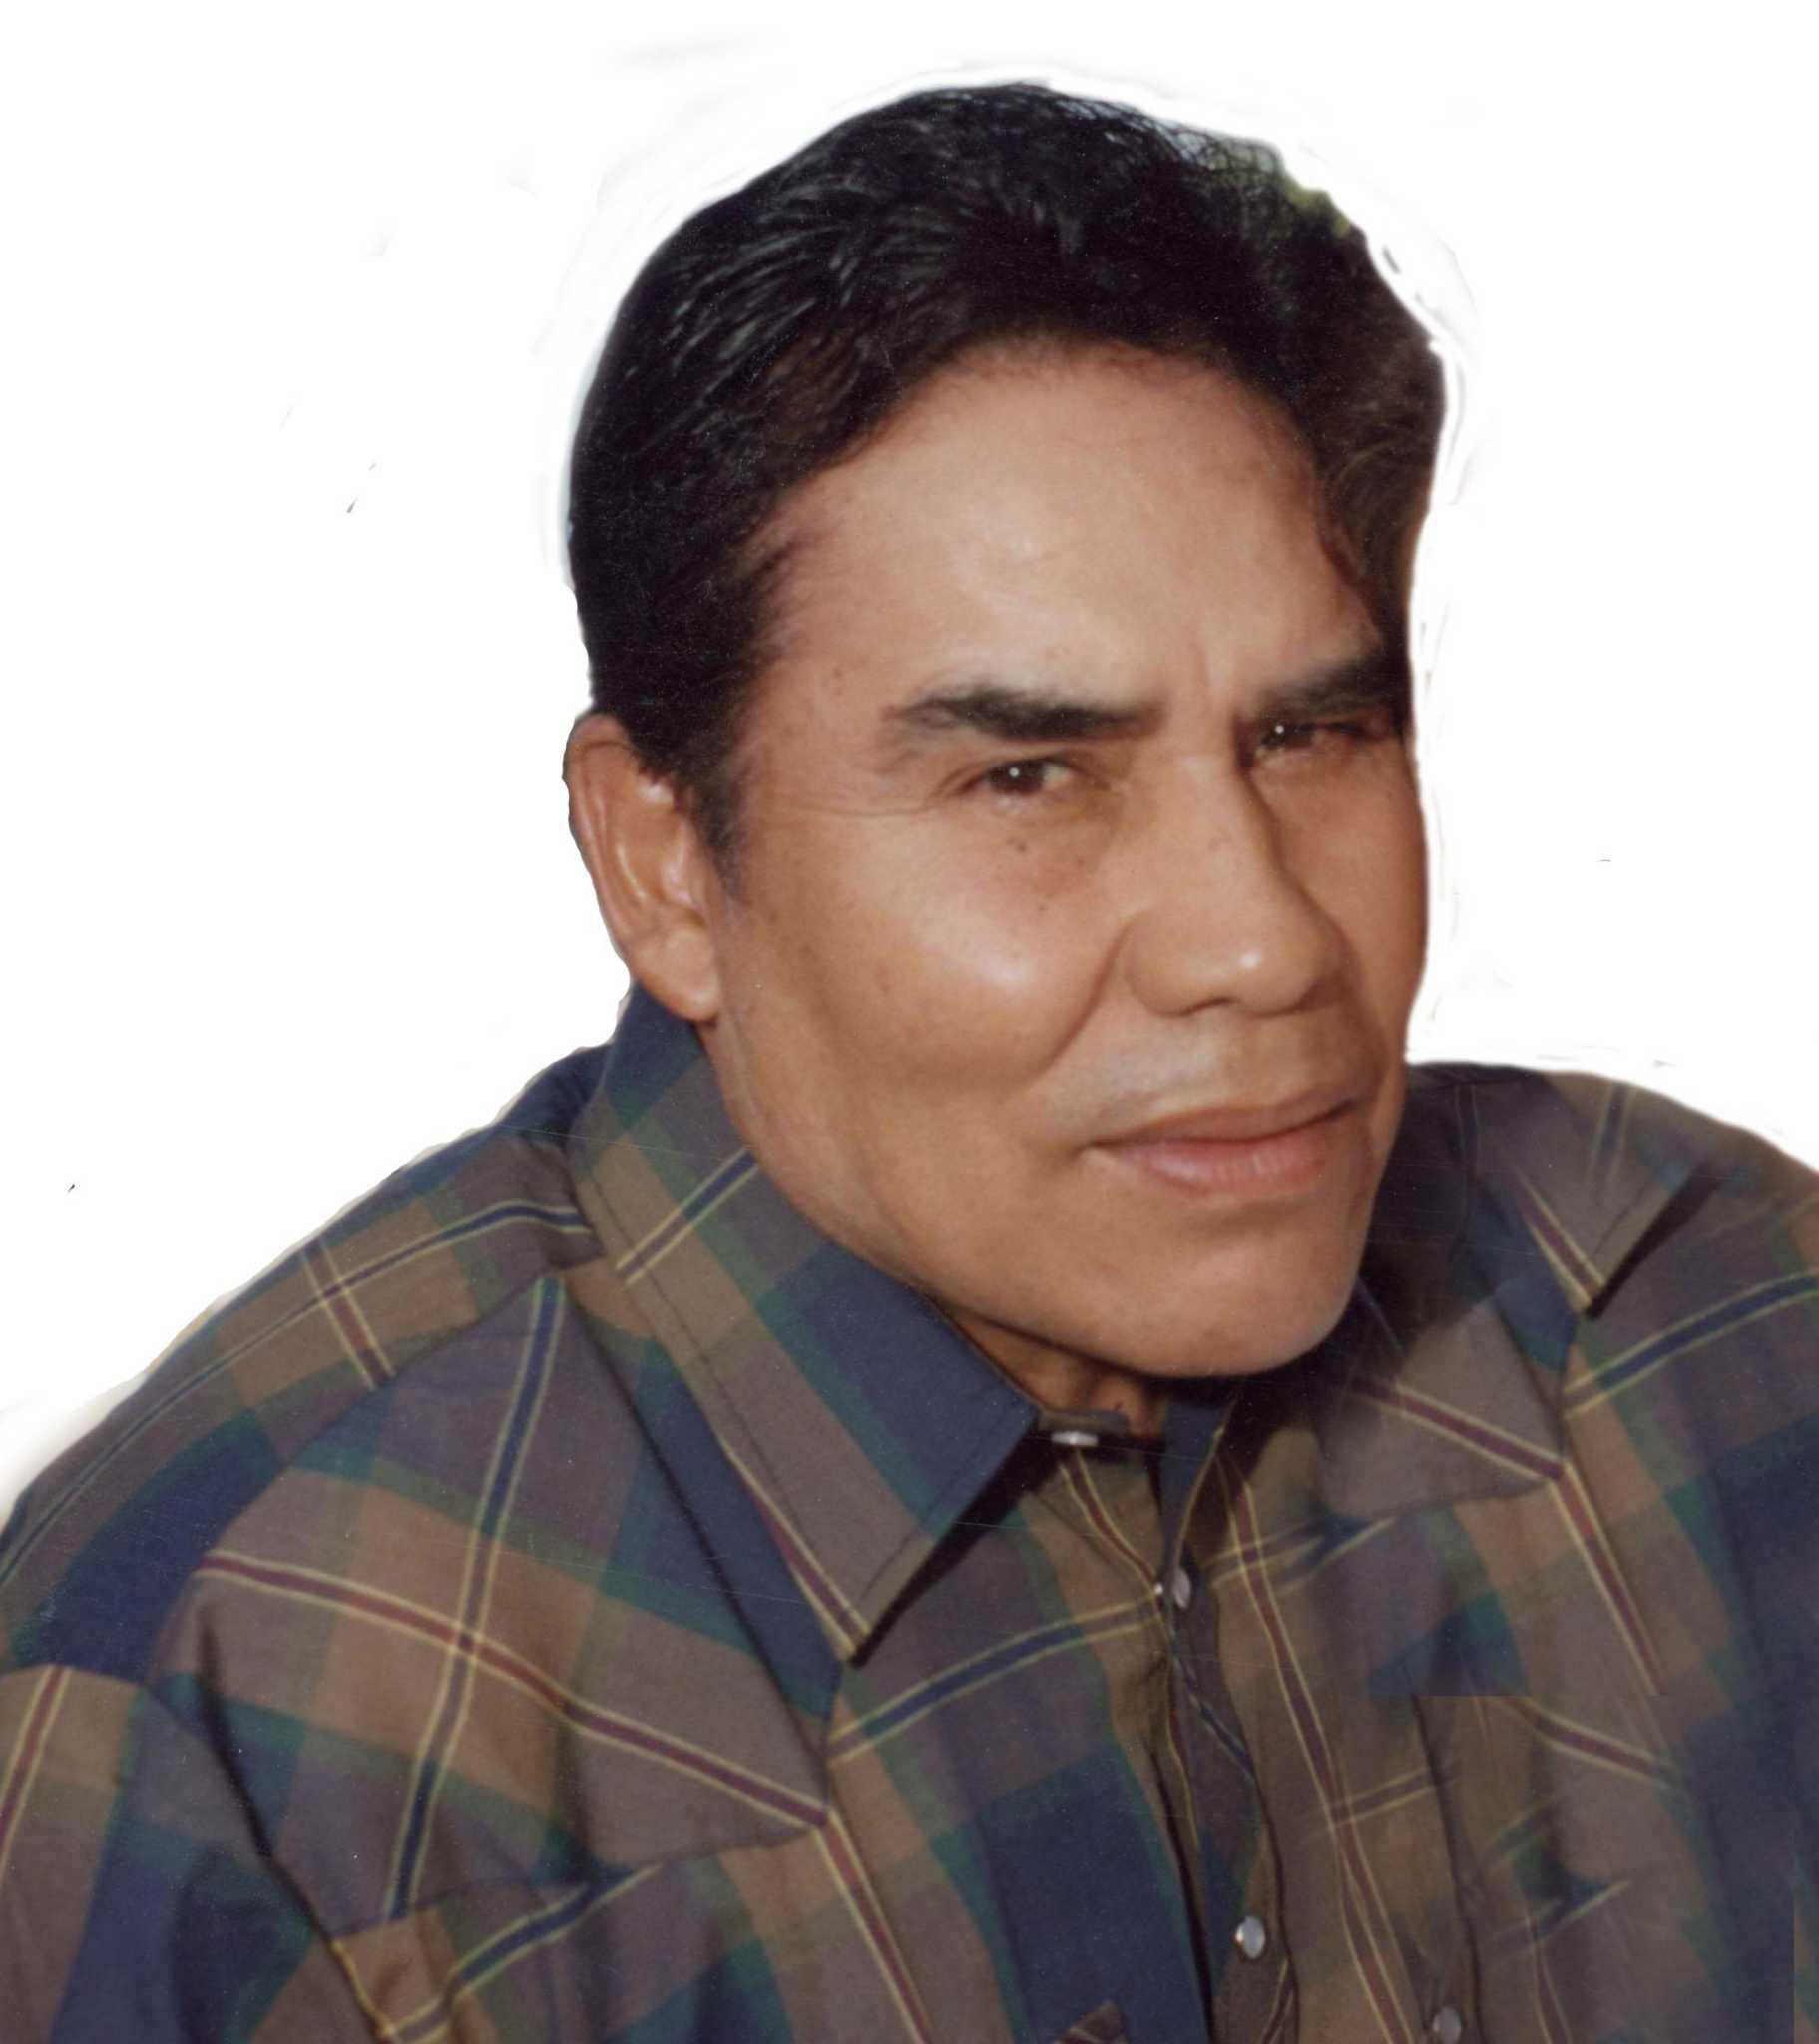 JUAN JOSE DIAZ Laredo Morning Times